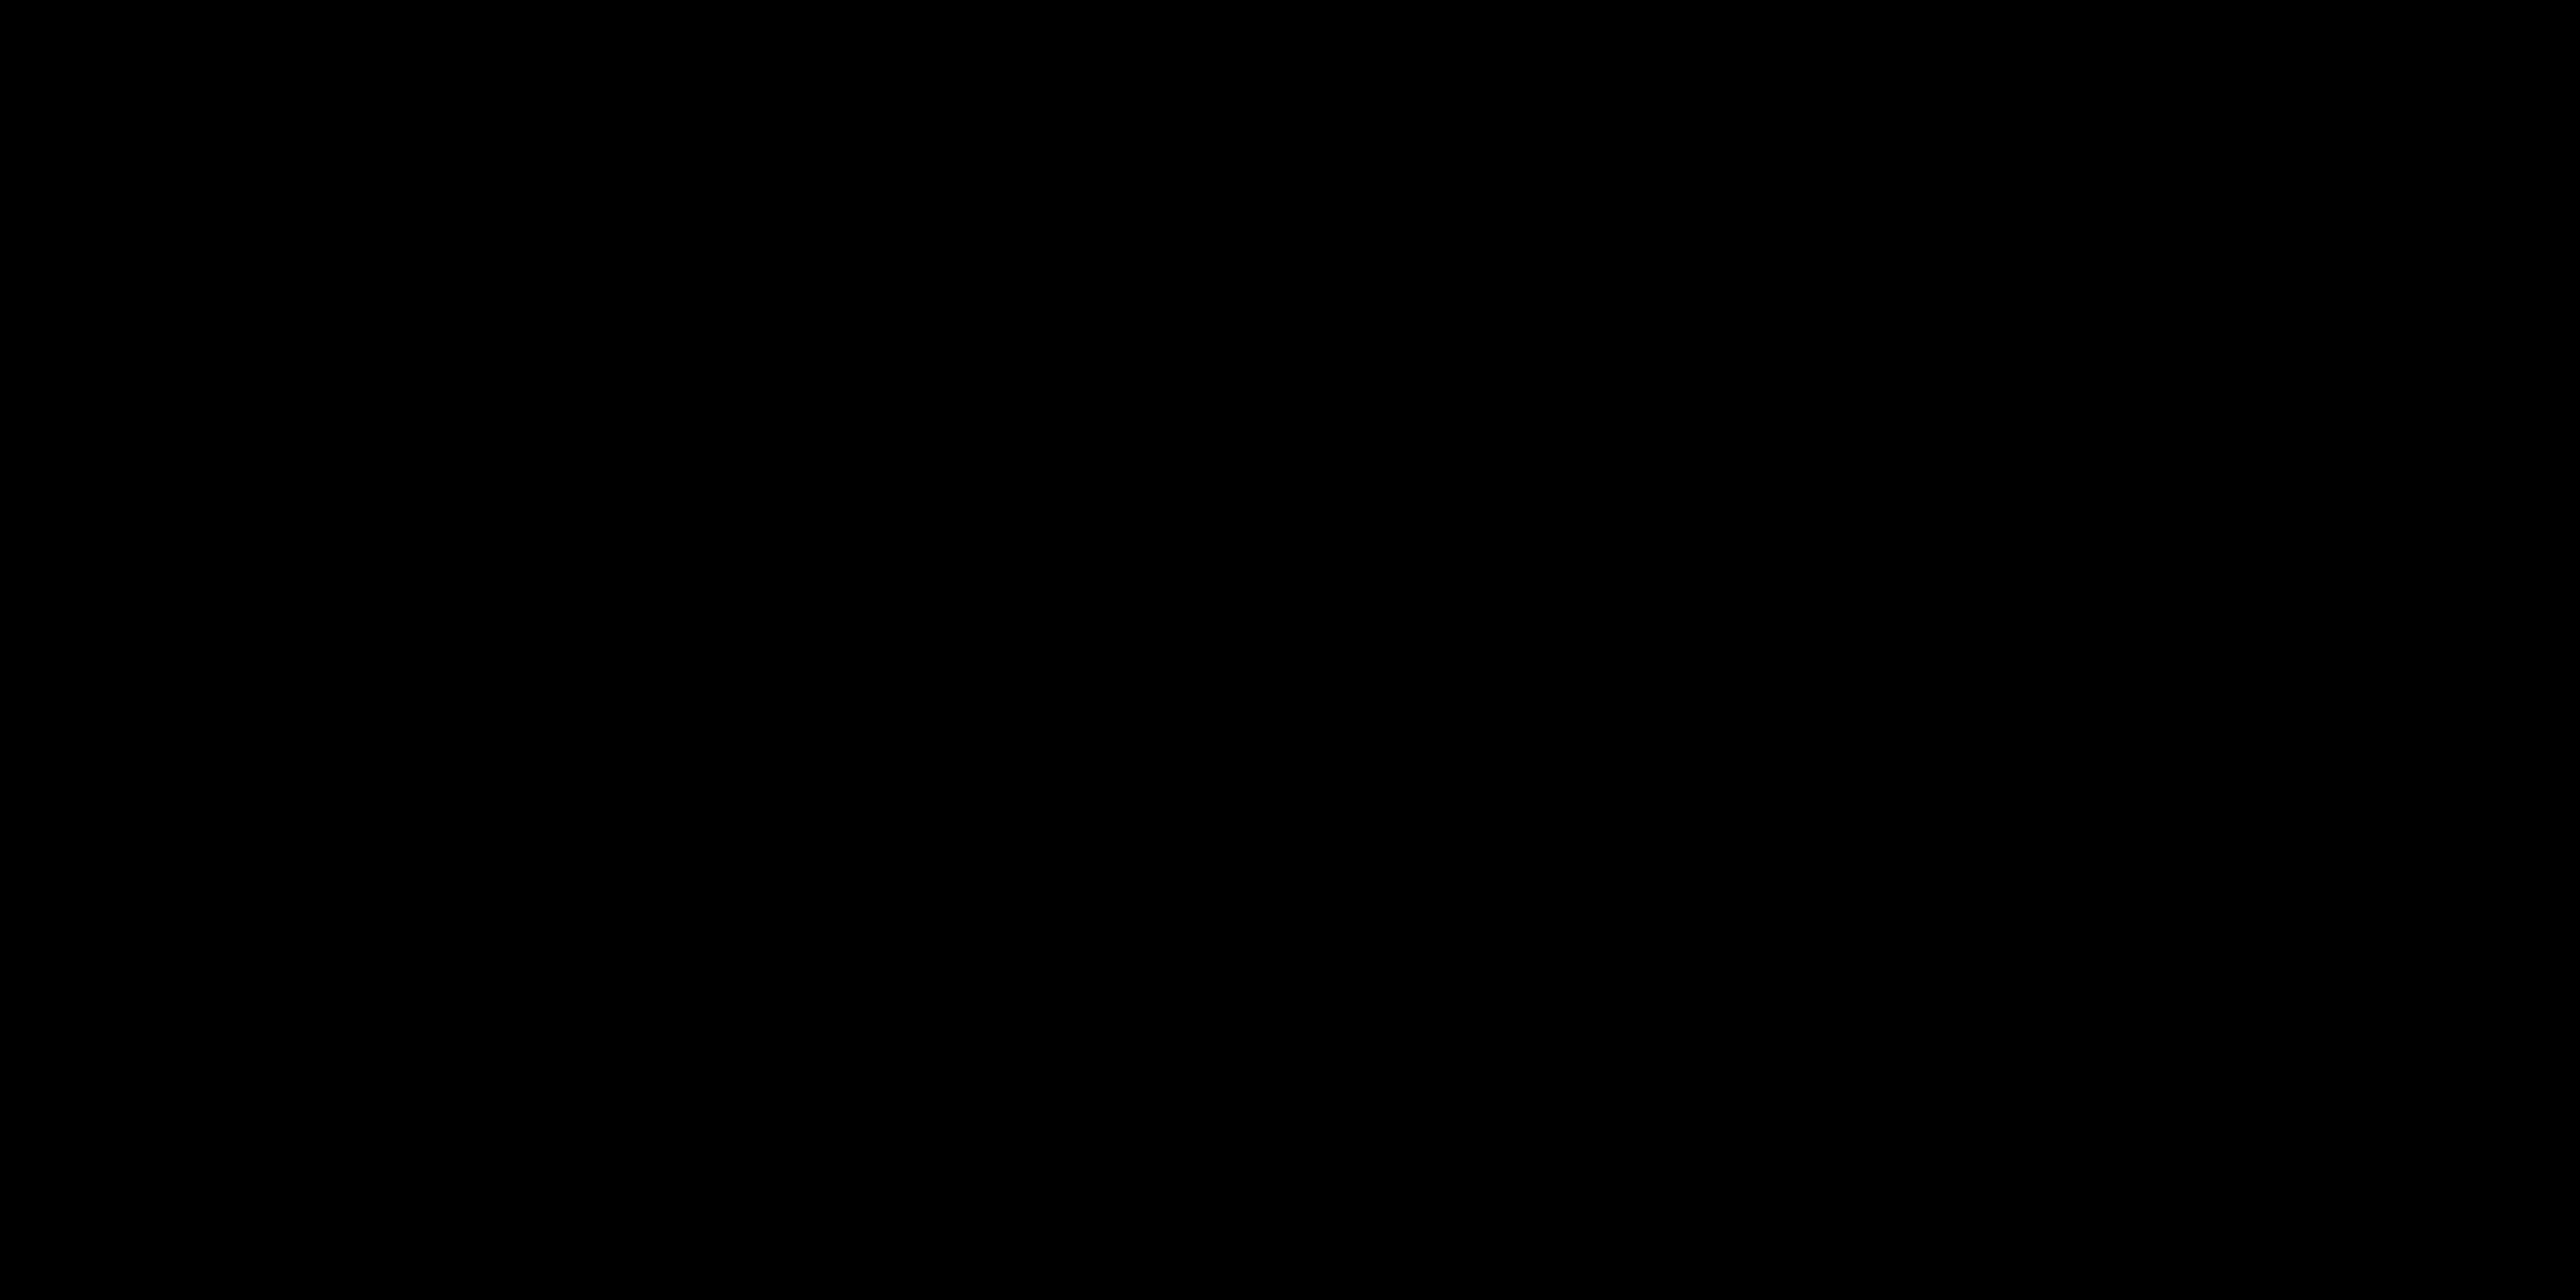 Fortnite Logo PNG Image